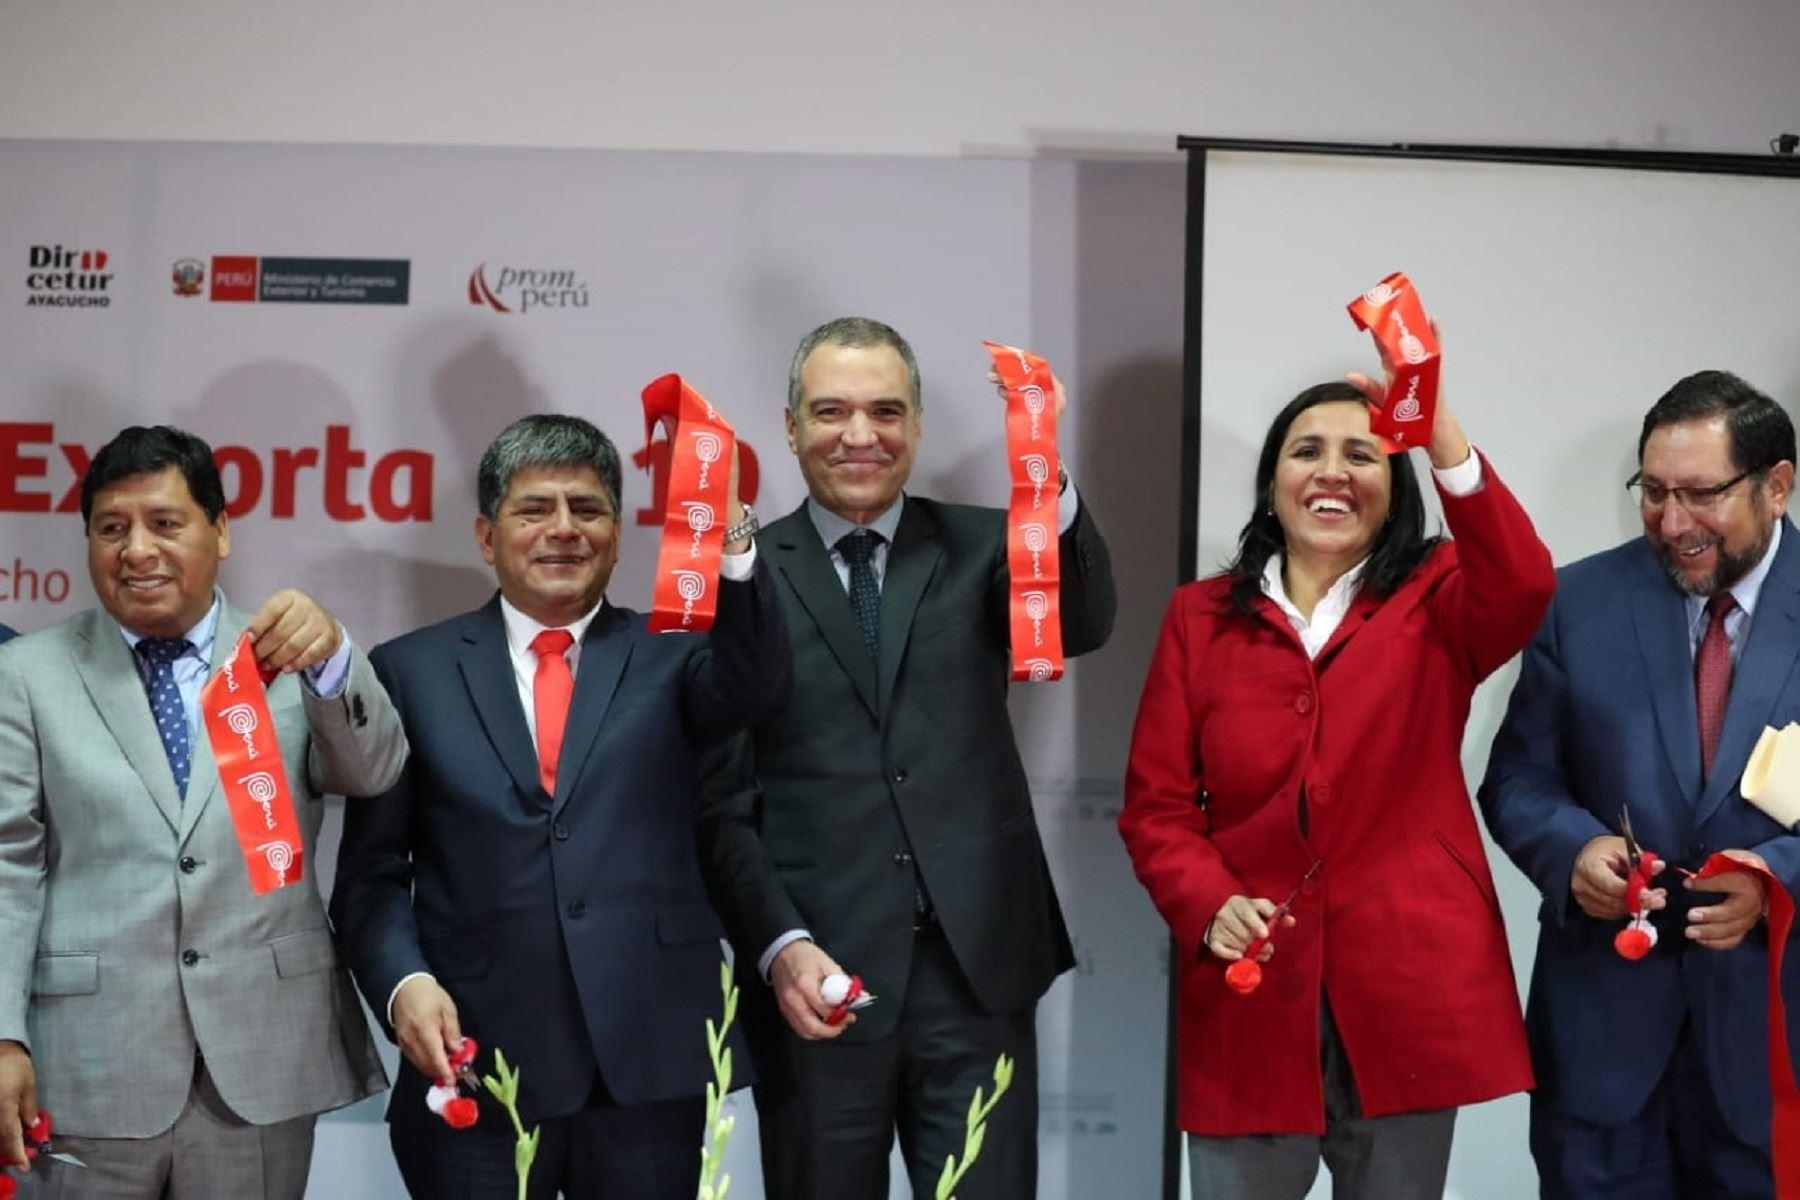 Presidente del Consejo de Ministros, Salvador del Solar y la ministra de Educación, Flor Pablo, durante inauguración de Centro Exporta 2019 en Ayacucho. Foto: PCM.